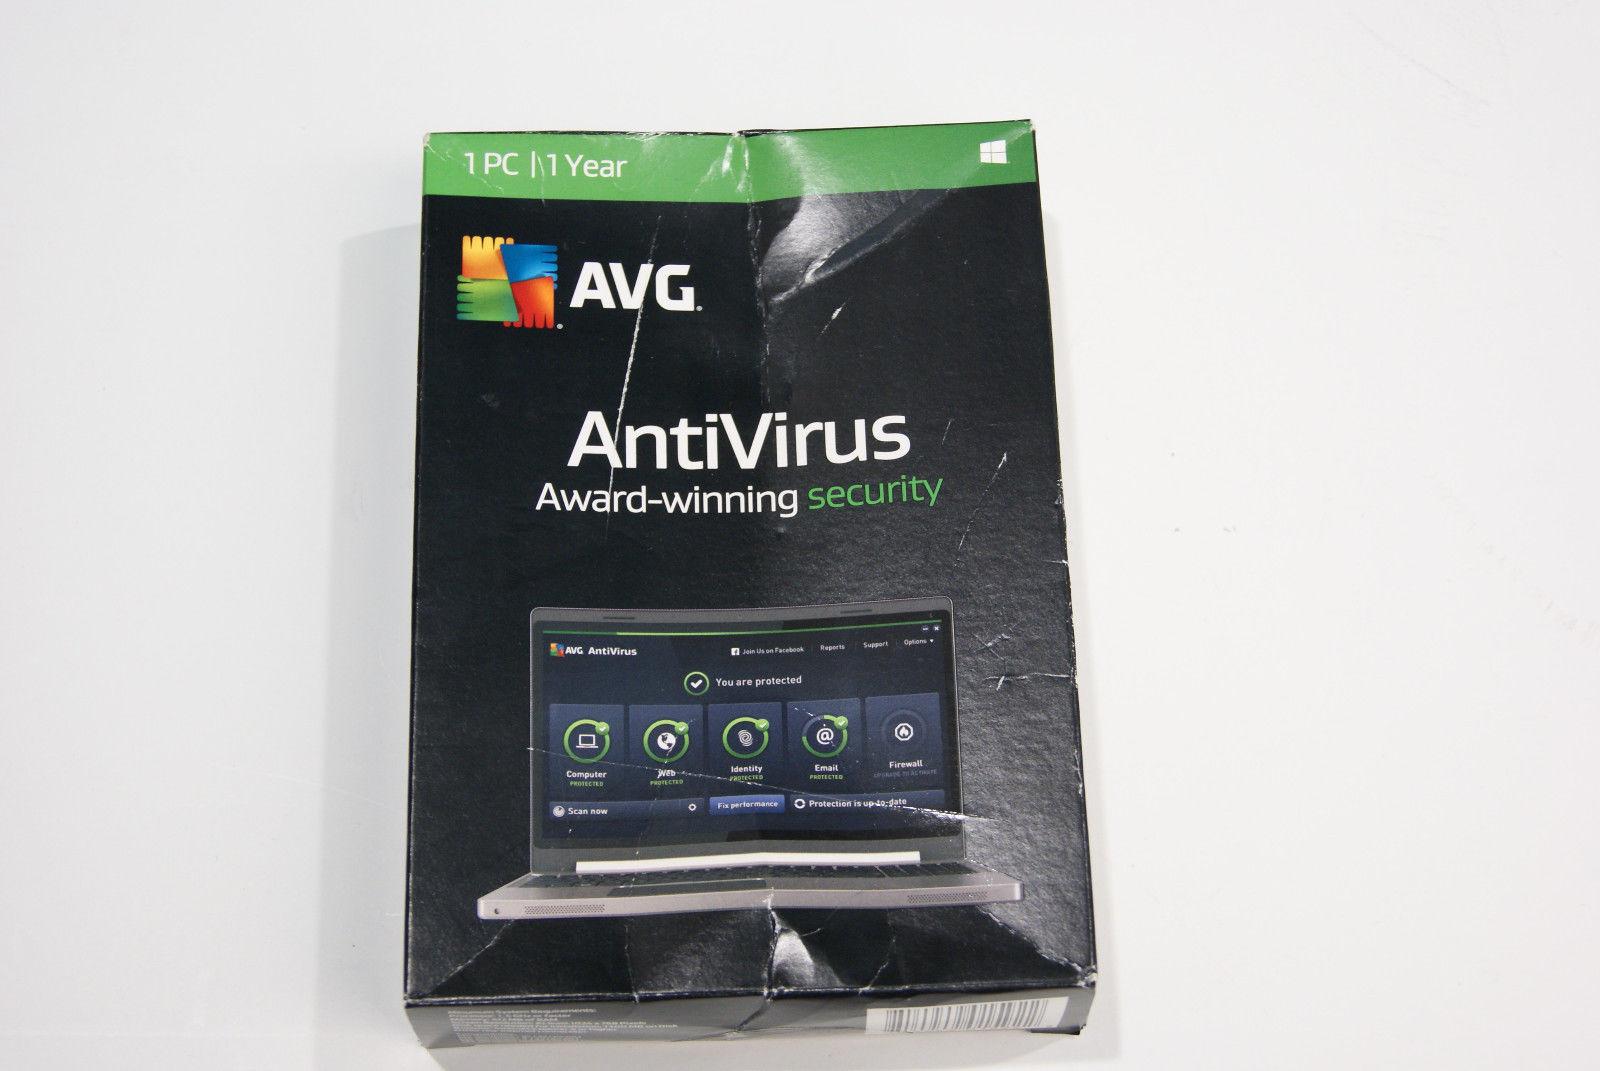 avg antivirus software